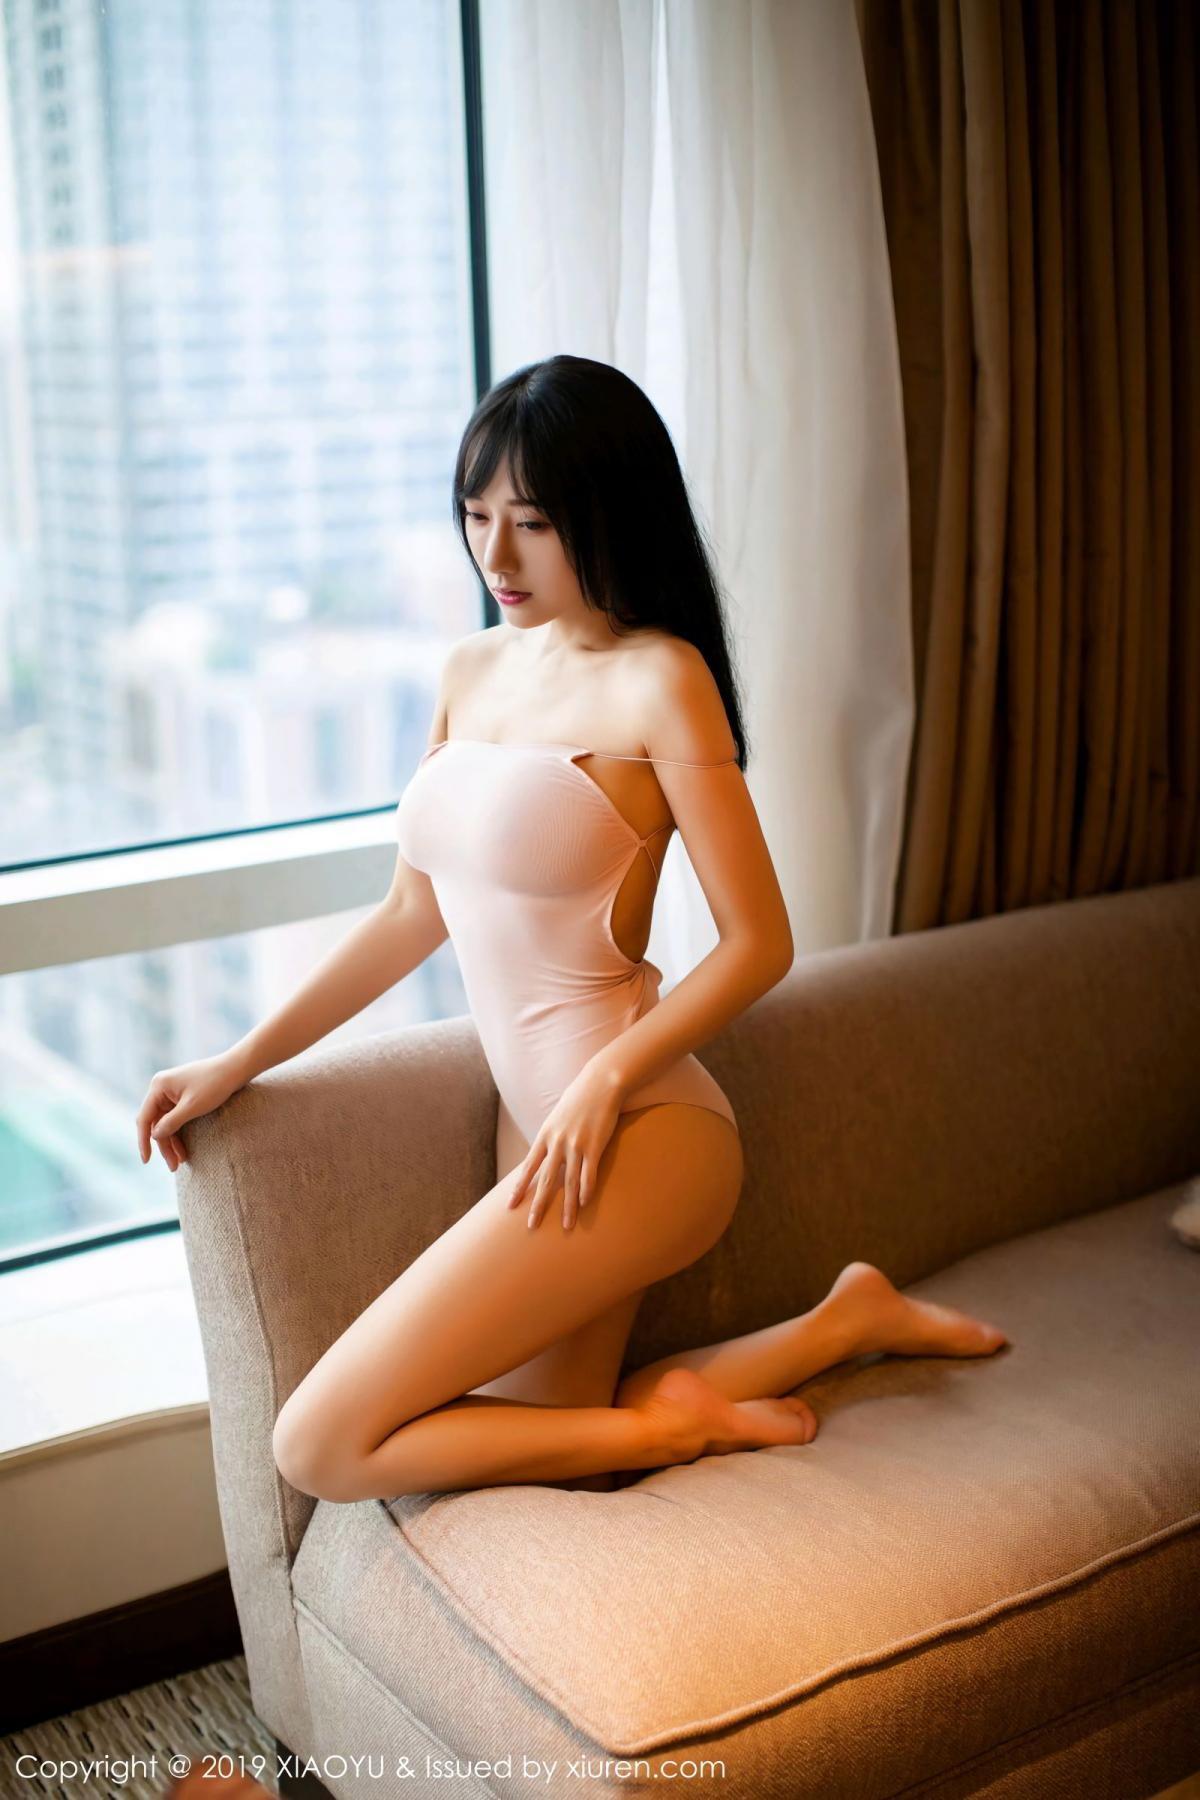 [XiaoYu] Vol.097 He Jia Ying 32P, He Jia Ying, Tall, XiaoYu